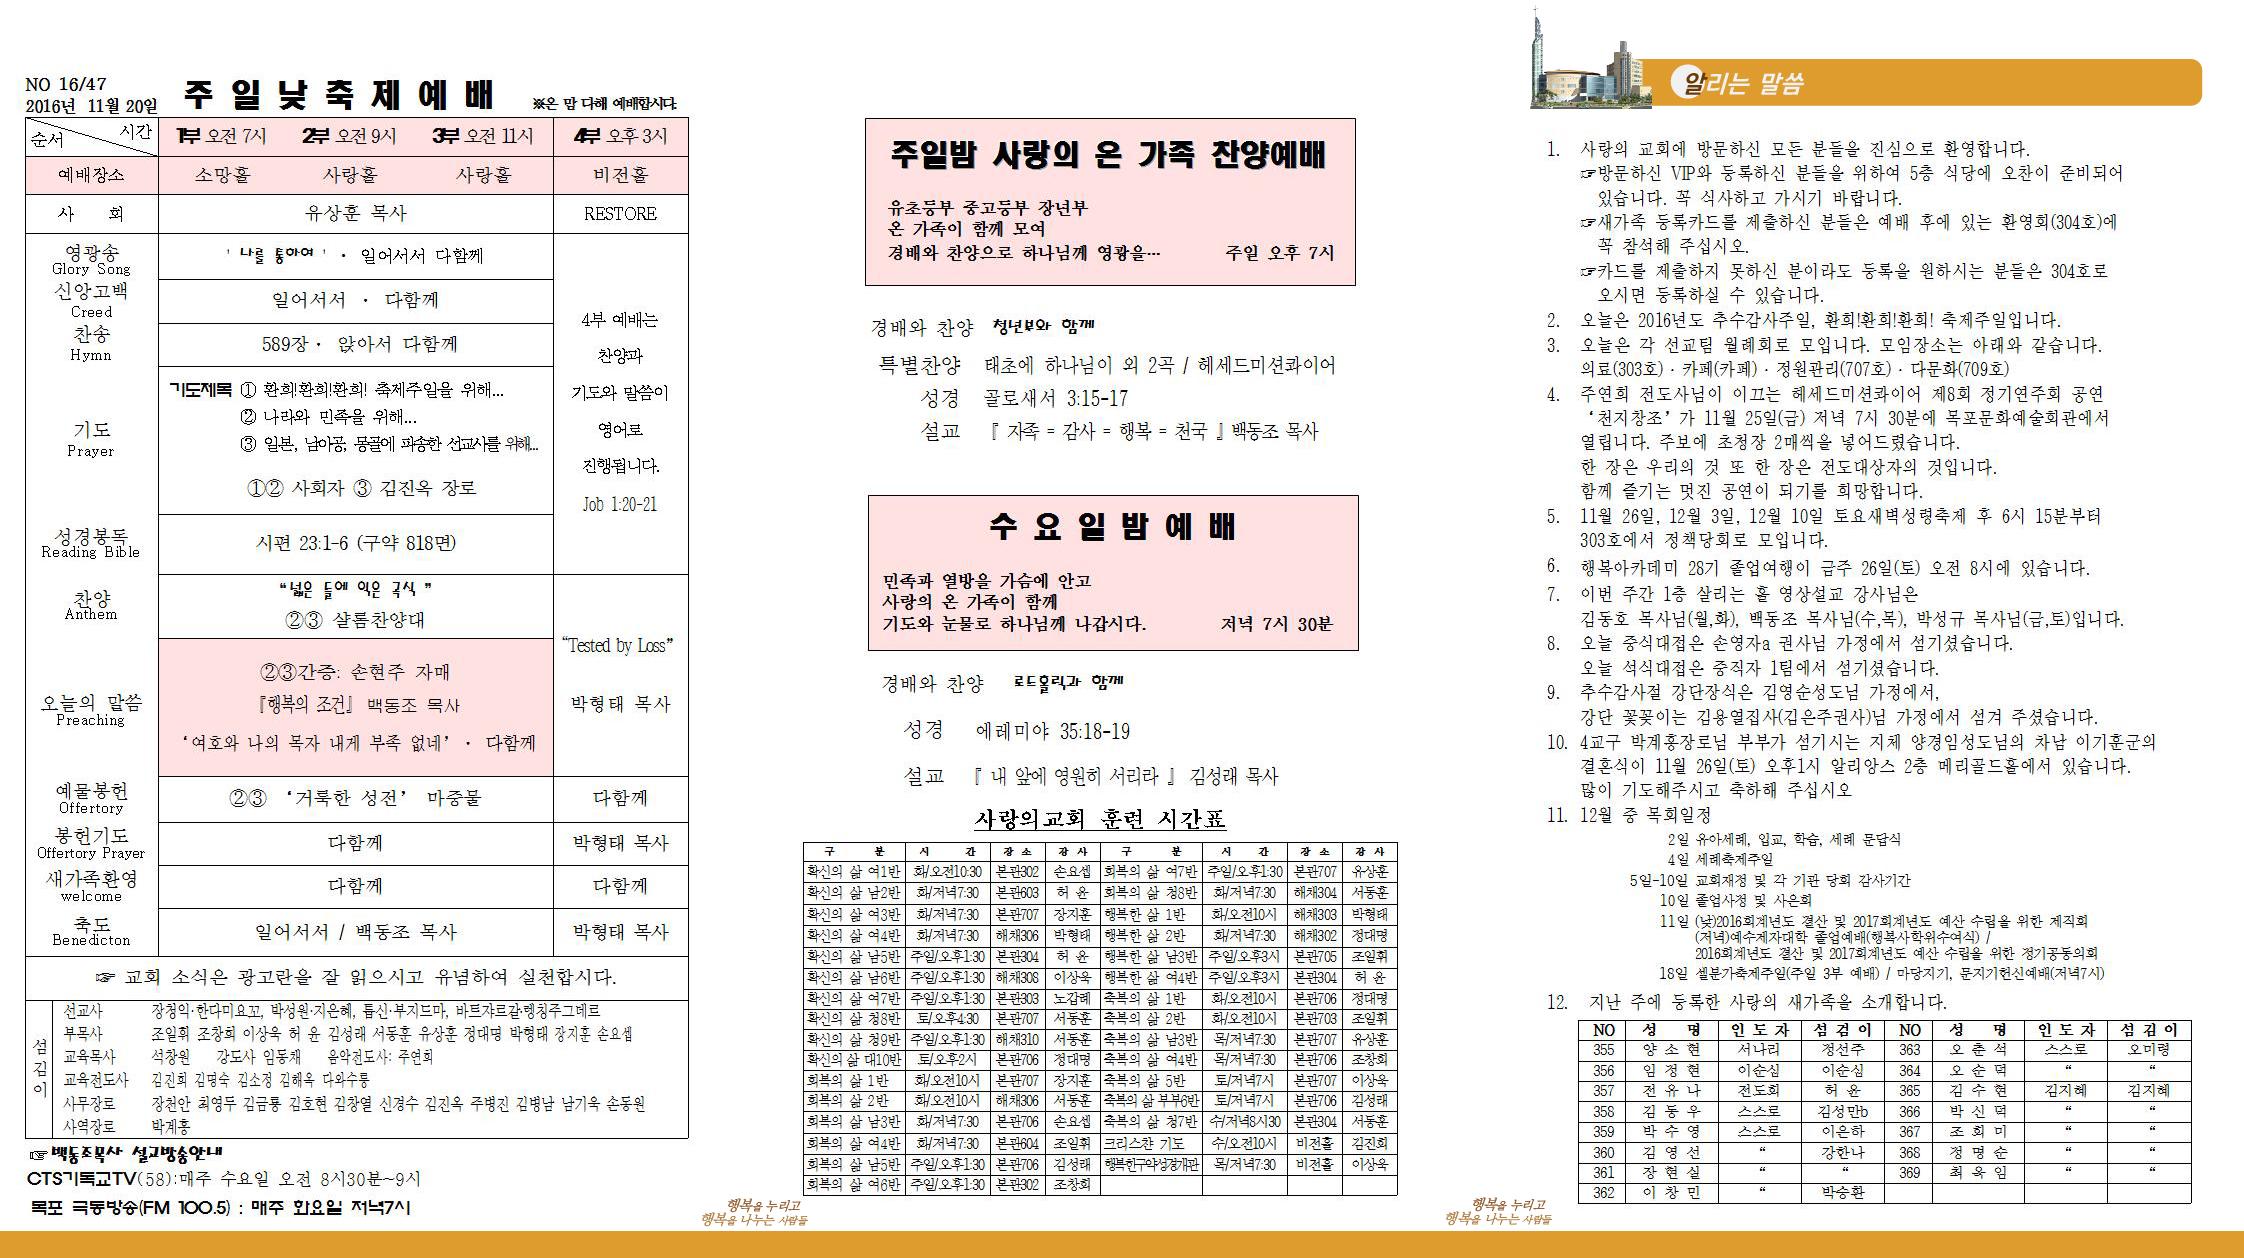 16-11-20_주보-01.jpg